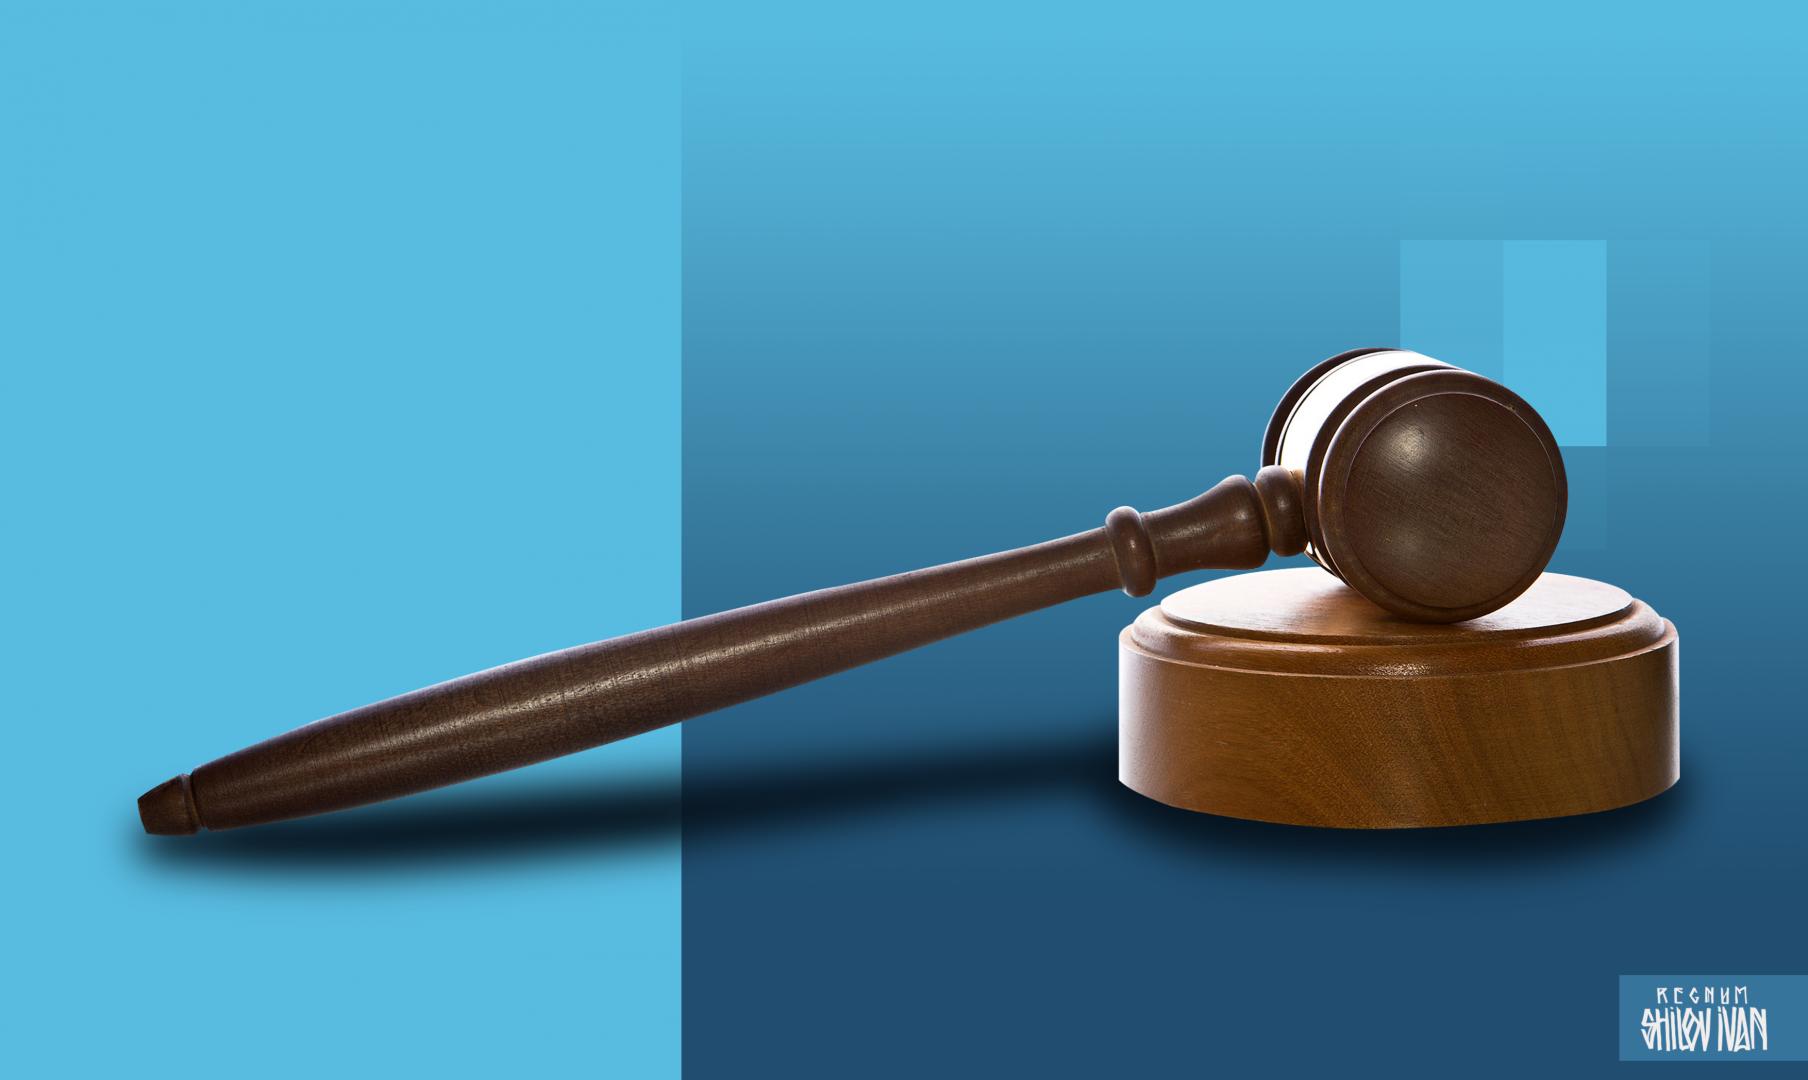 Разработчик лекарств через суд расторг контракт с Минпромторгом РФ